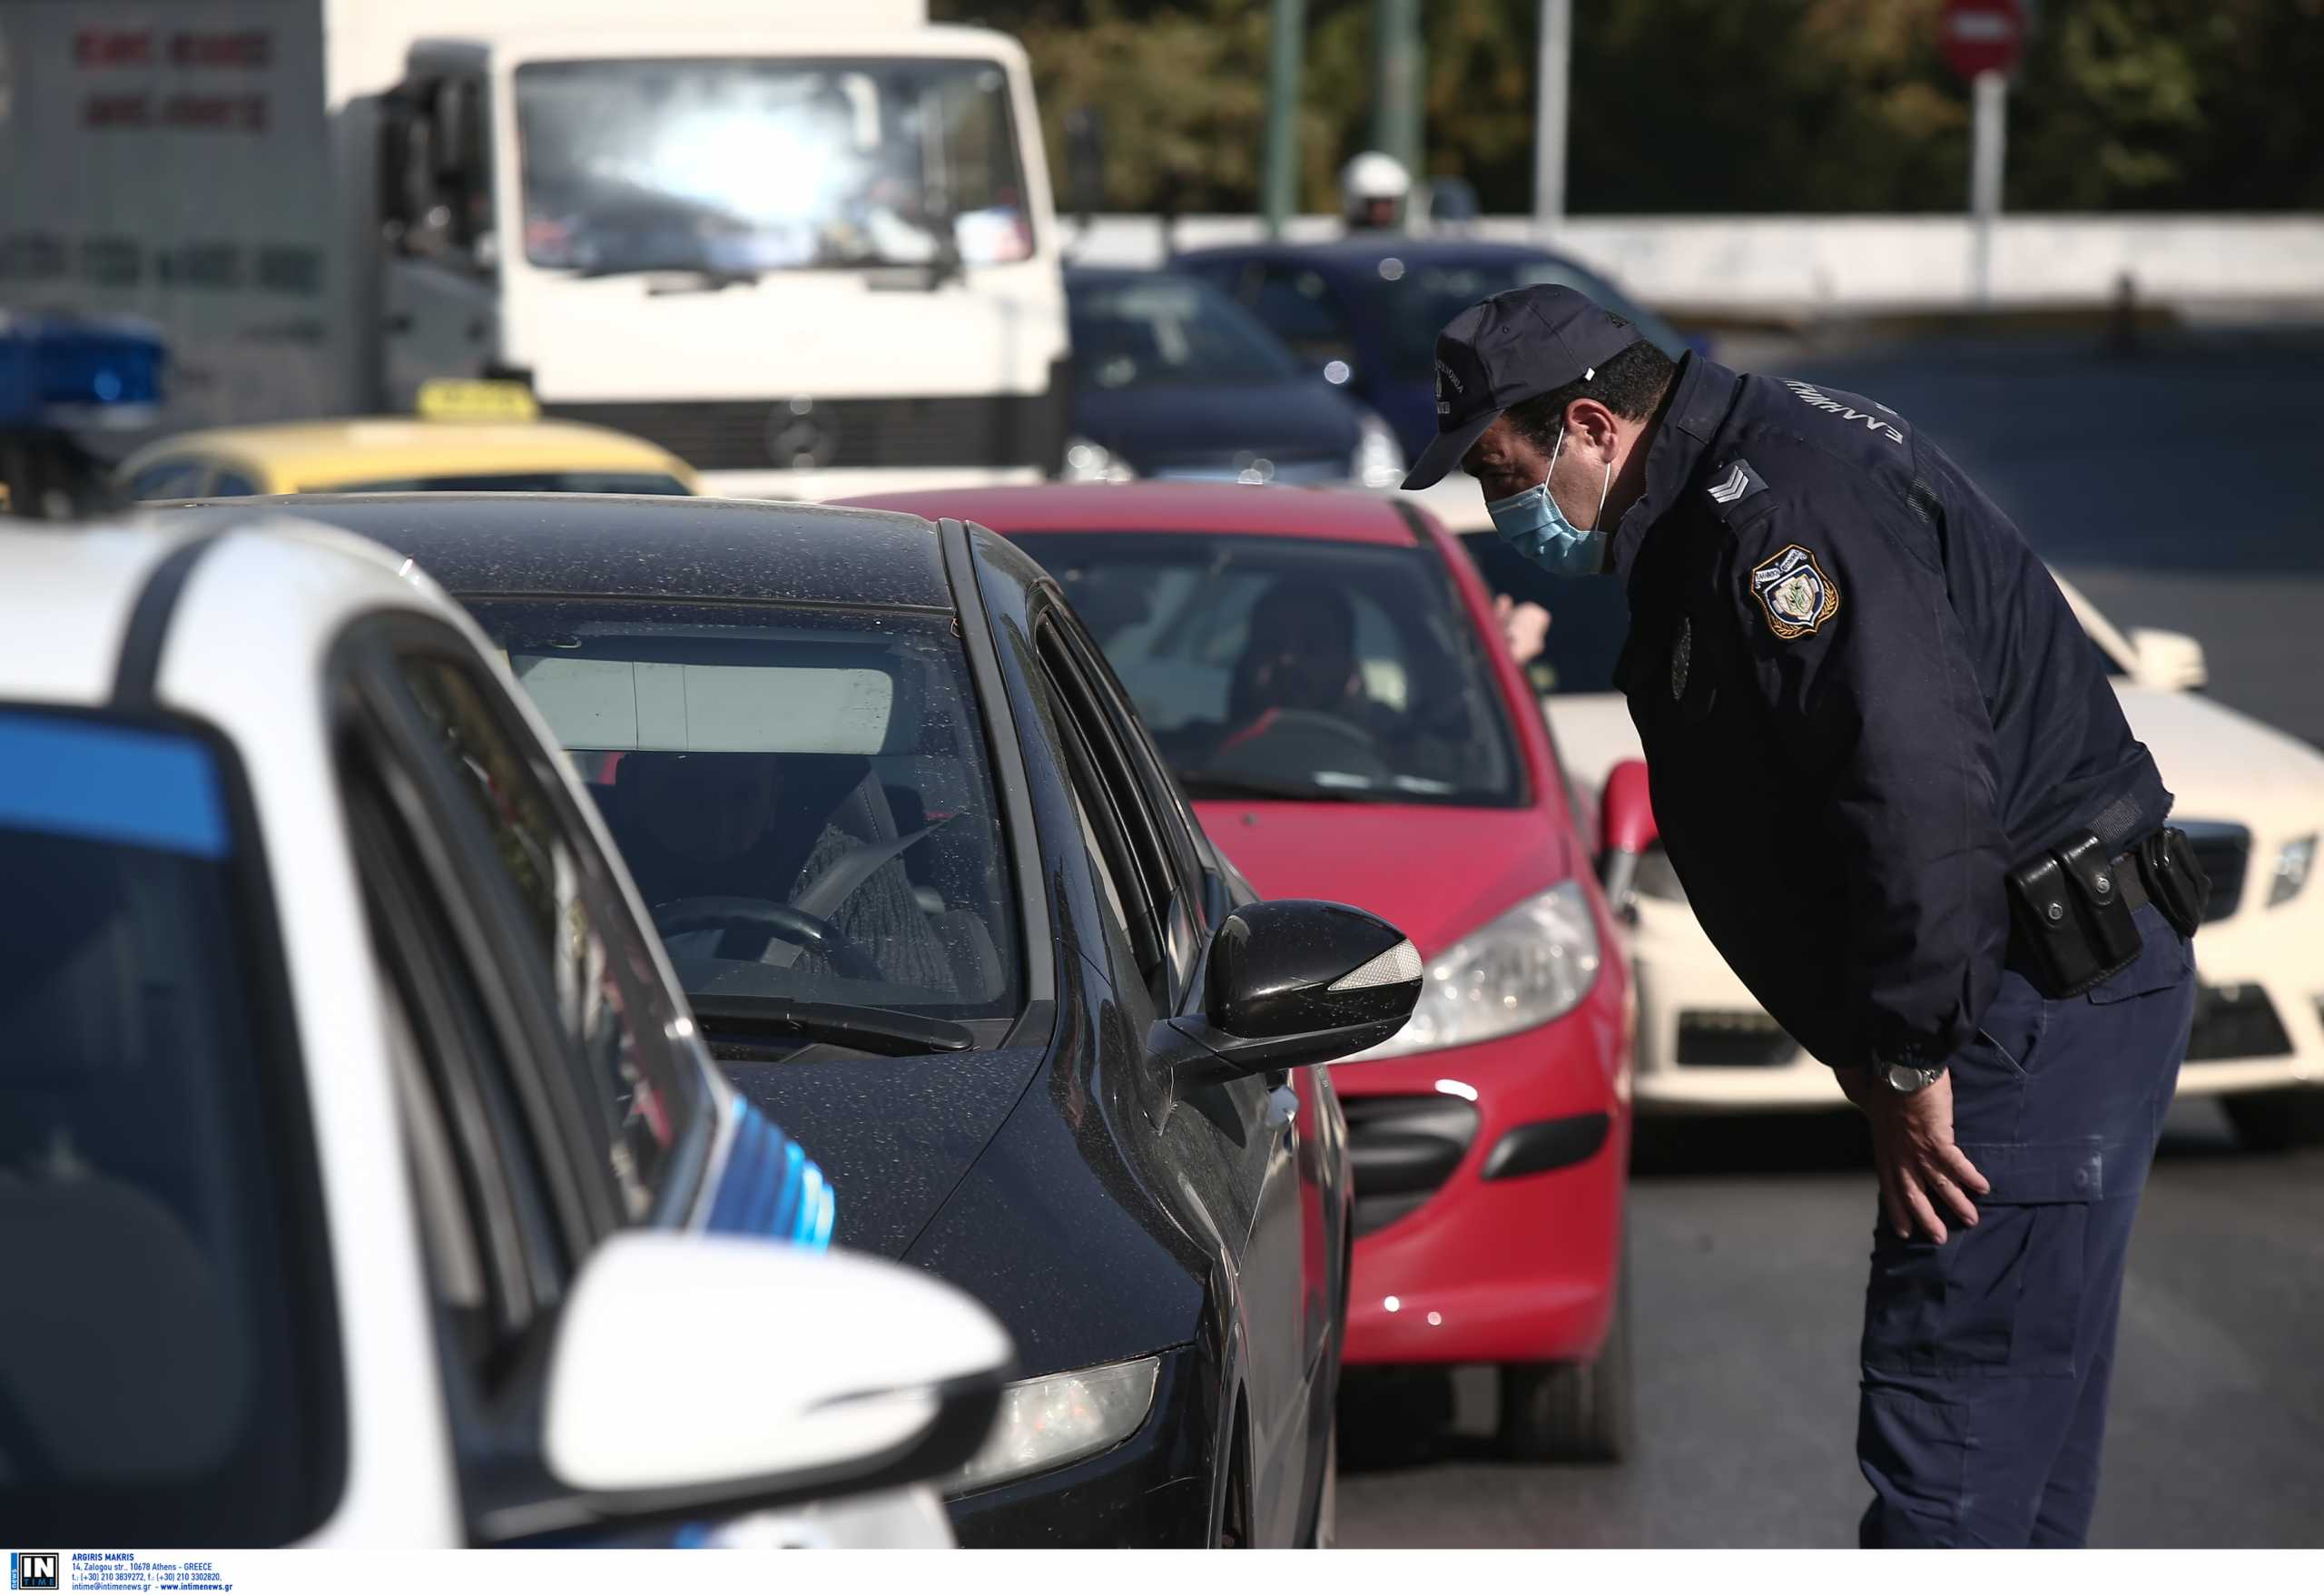 Κορονοϊός: 8 συλλήψεις, λουκέτα και πρόστιμα πάνω από 500.000 ευρώ για παραβίαση μέτρων περιορισμού